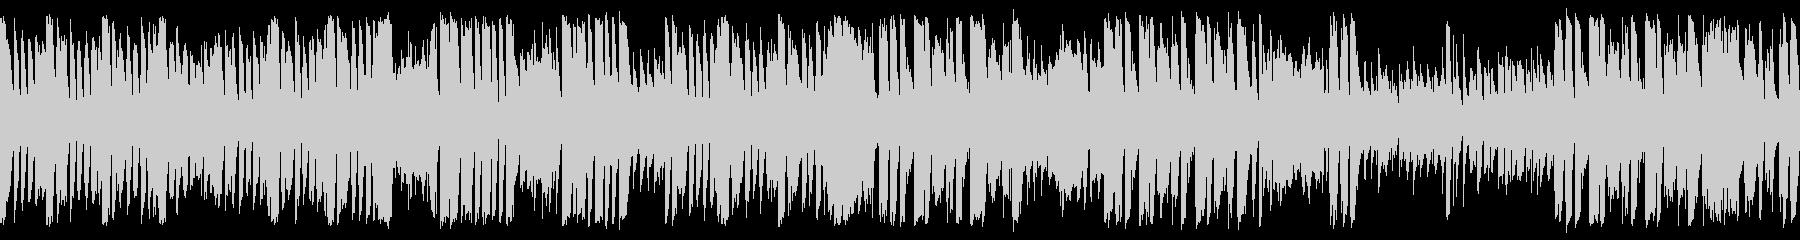 豪華ノリノリなジャズビッグバンド(ループの未再生の波形